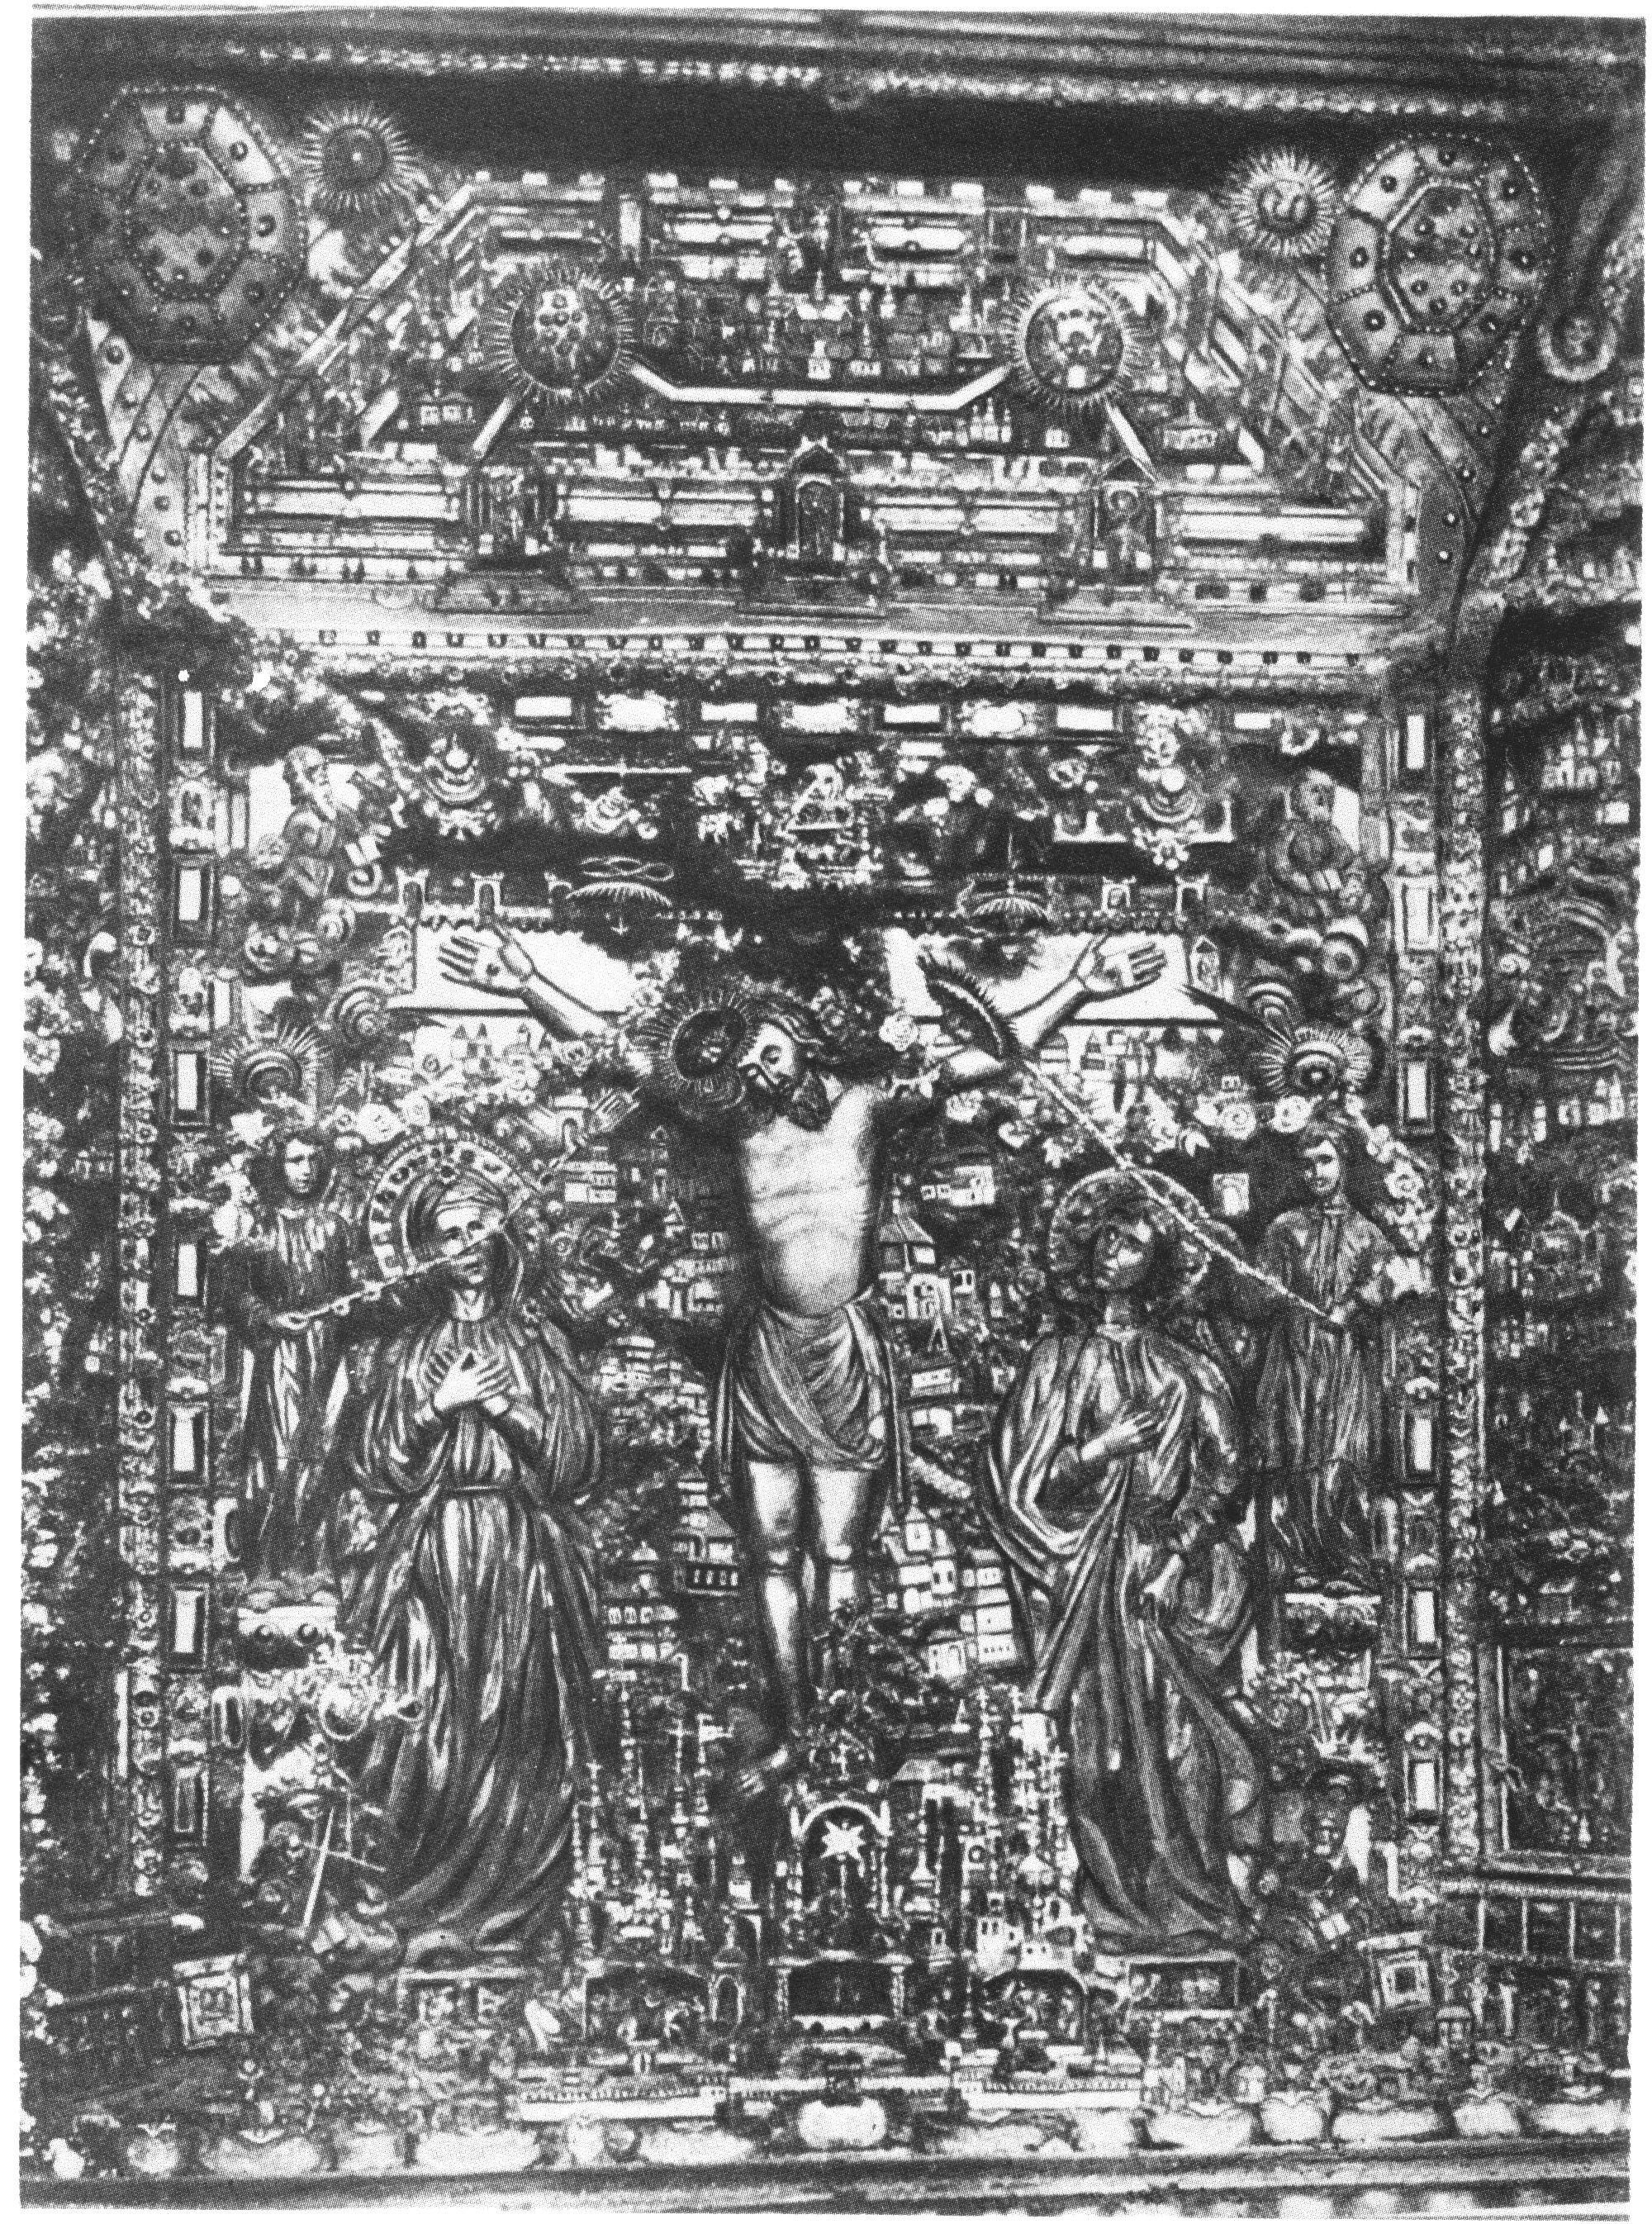 шумаевский крест википедия